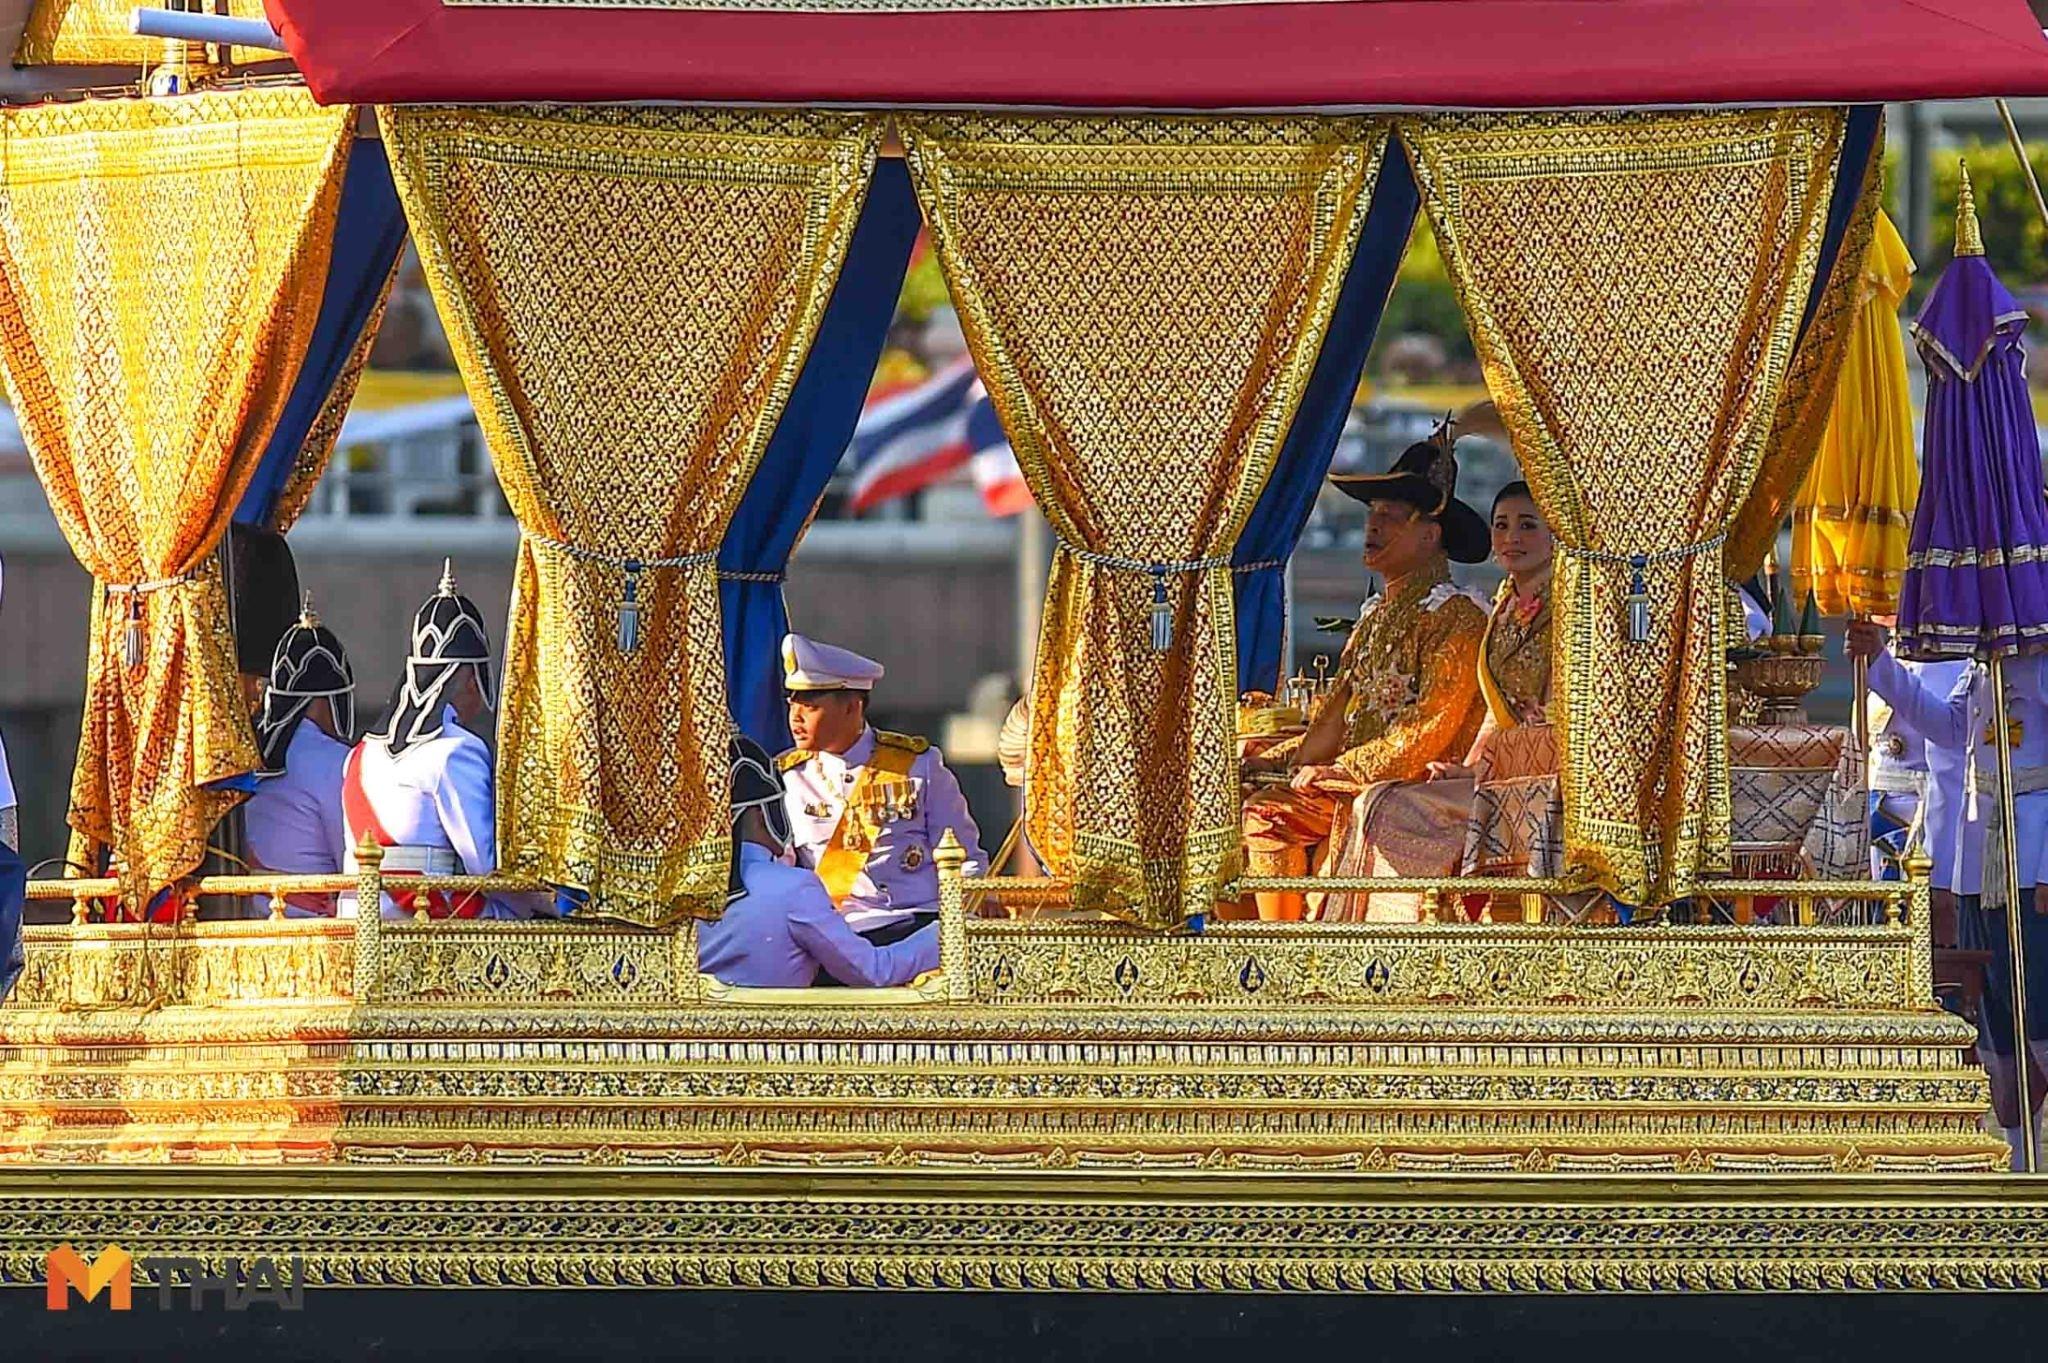 ขบวนพยุหยาตราทางชลมารค พระราชพิธีบรมราชาภิเษก เรือ